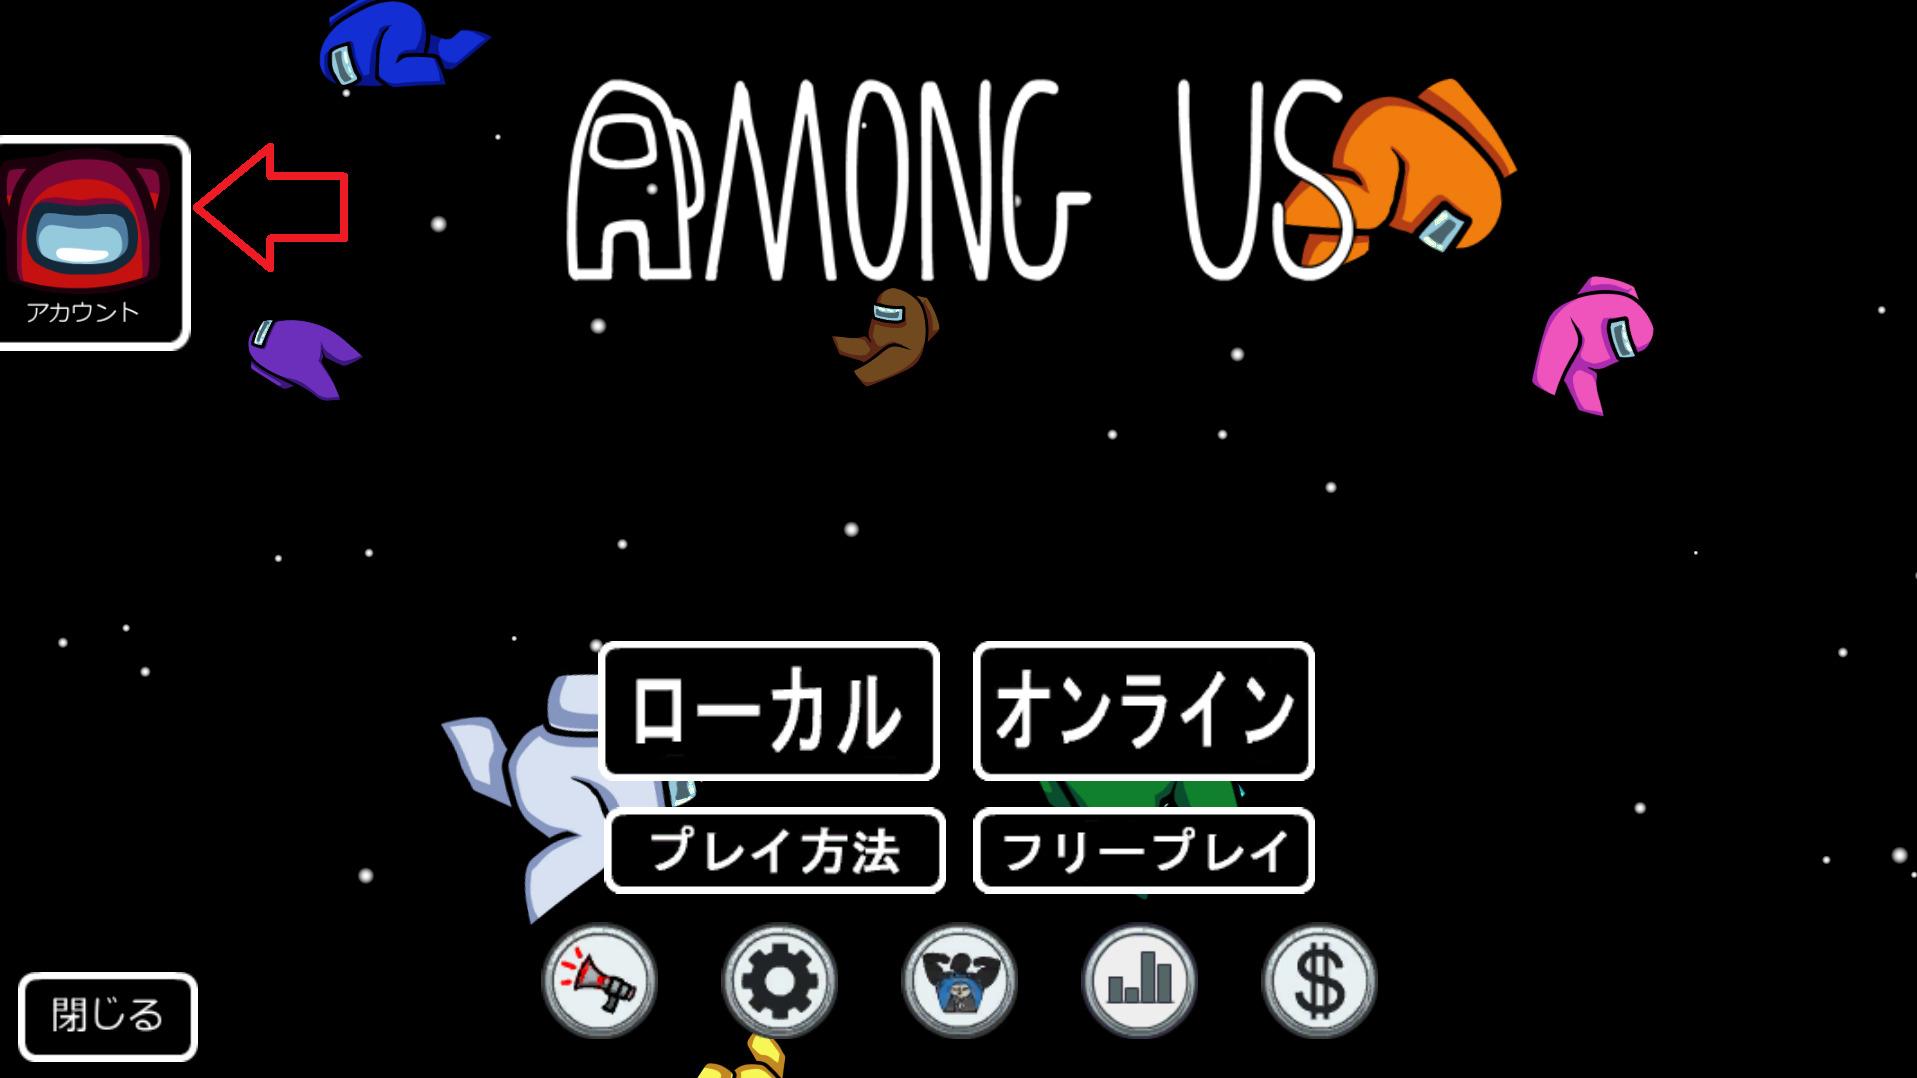 【アモングアス】チャット入力ができない理由 クイックチャットしかできない時の対処法【PC/Switch/モバイル】【Among Us】